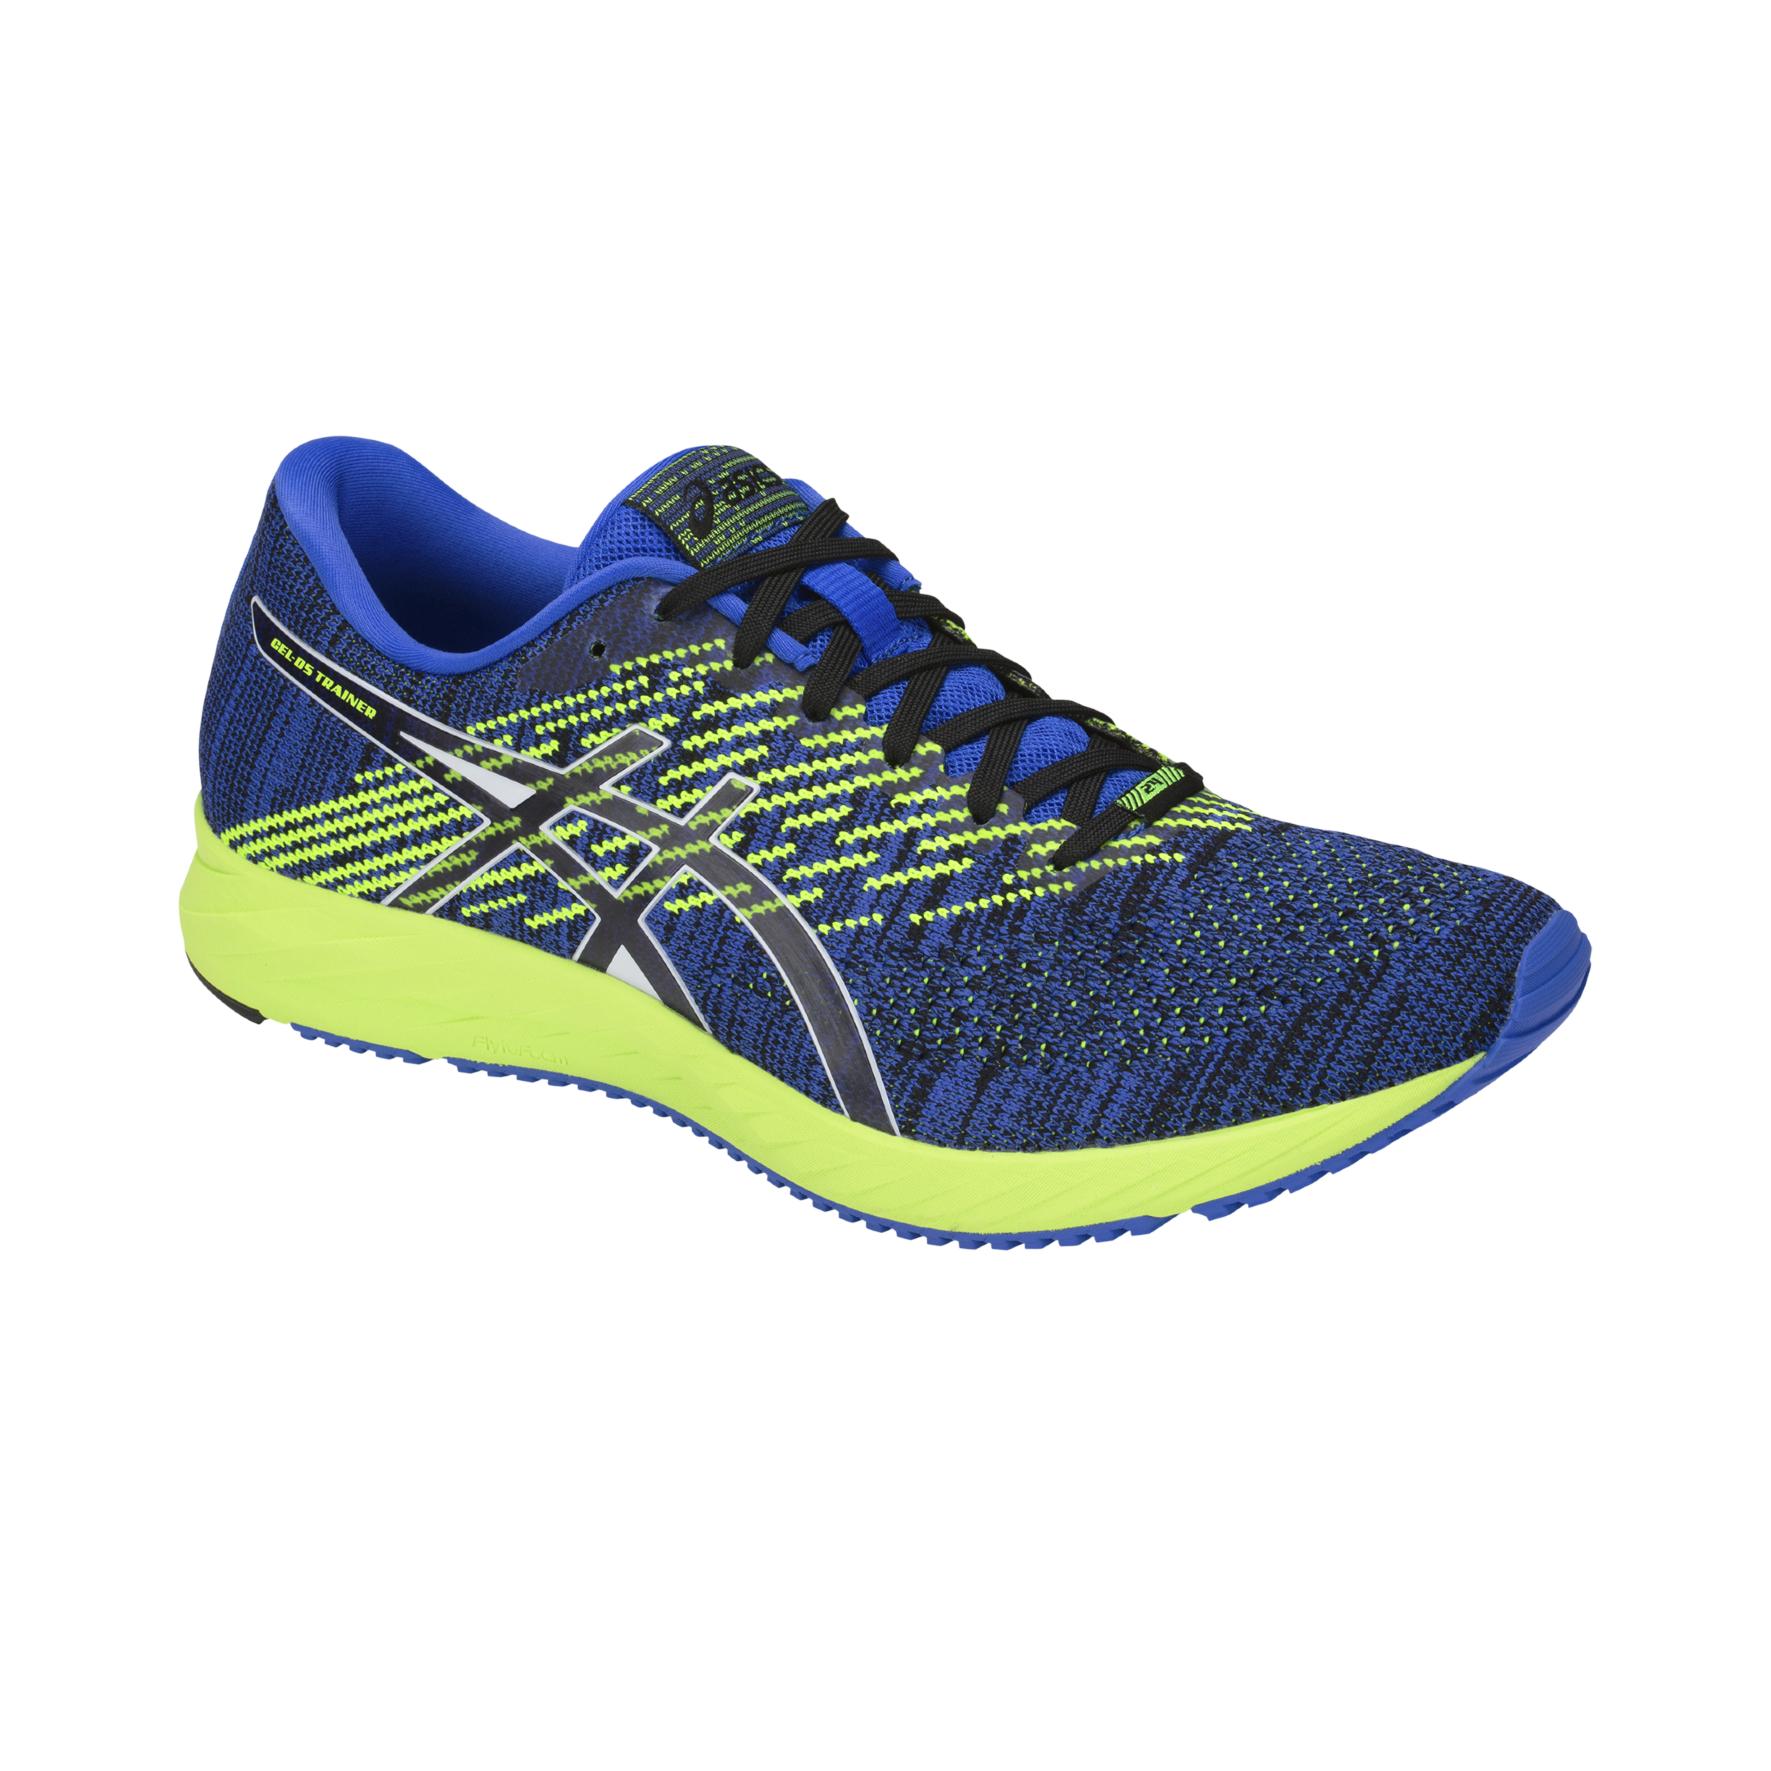 asics Dynaflyte 4 og DS Trainer 24 er to lette sko